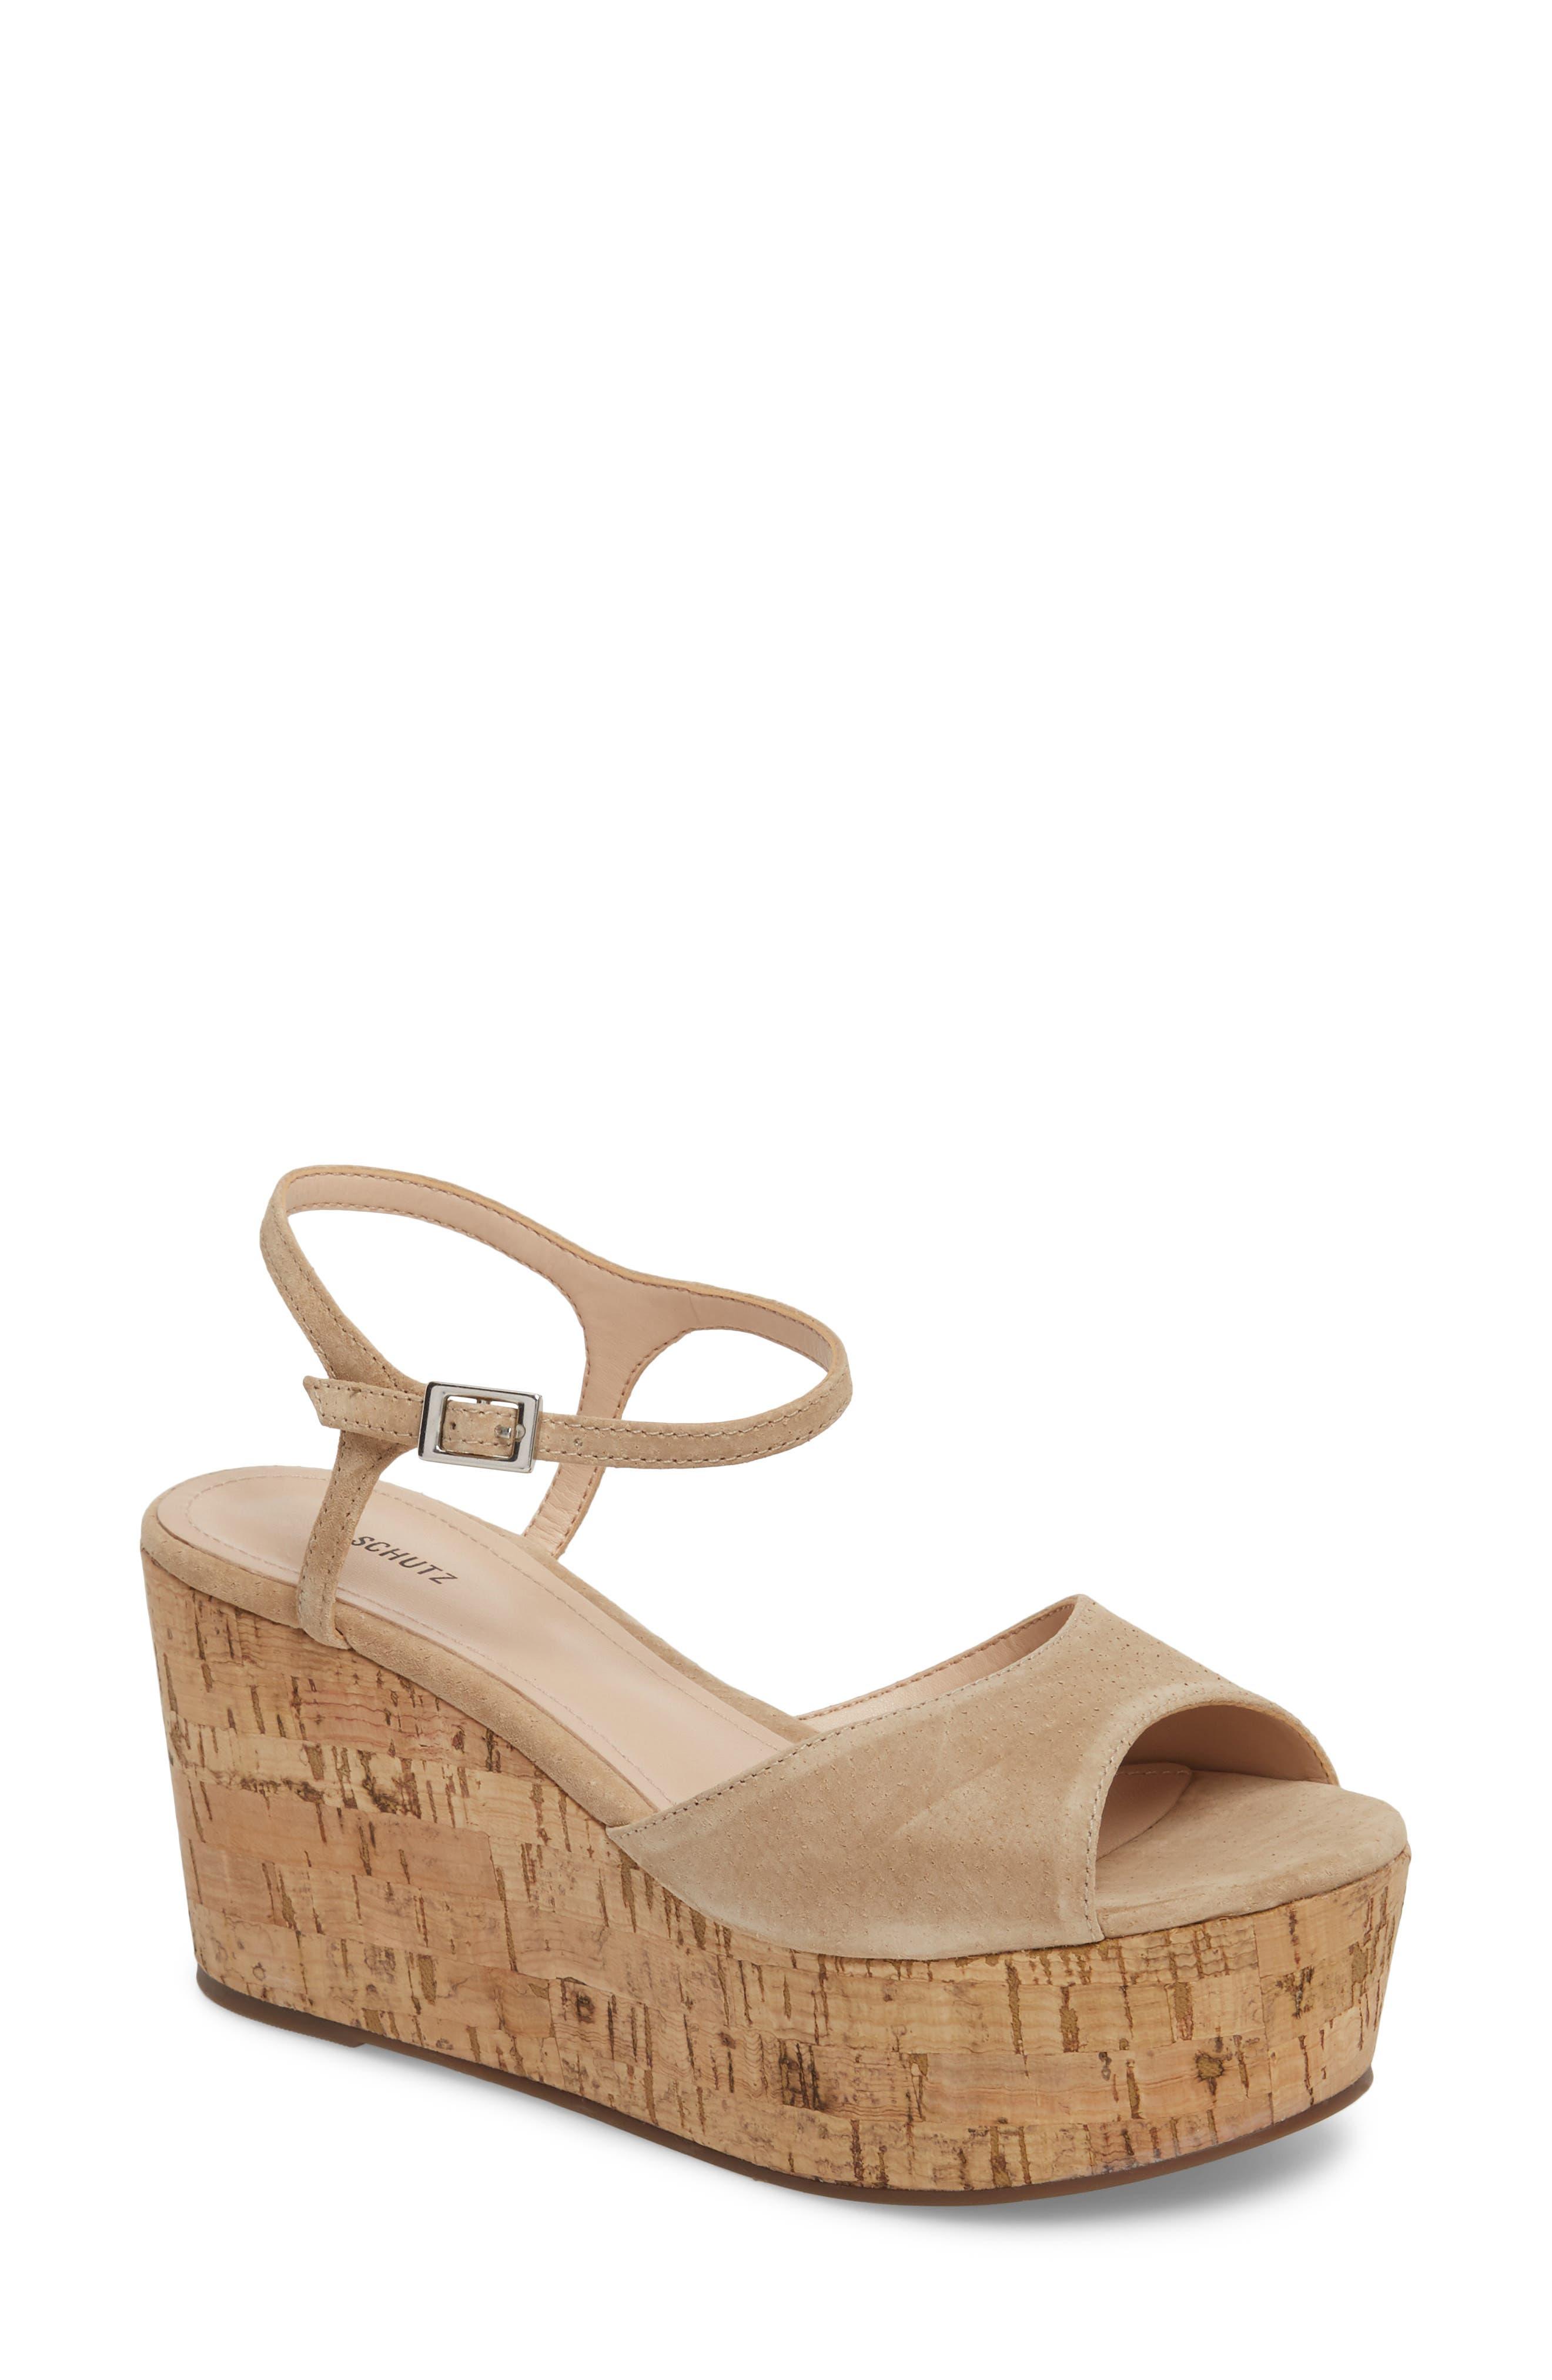 Heloise Platform Wedge Sandal,                             Main thumbnail 1, color,                             250